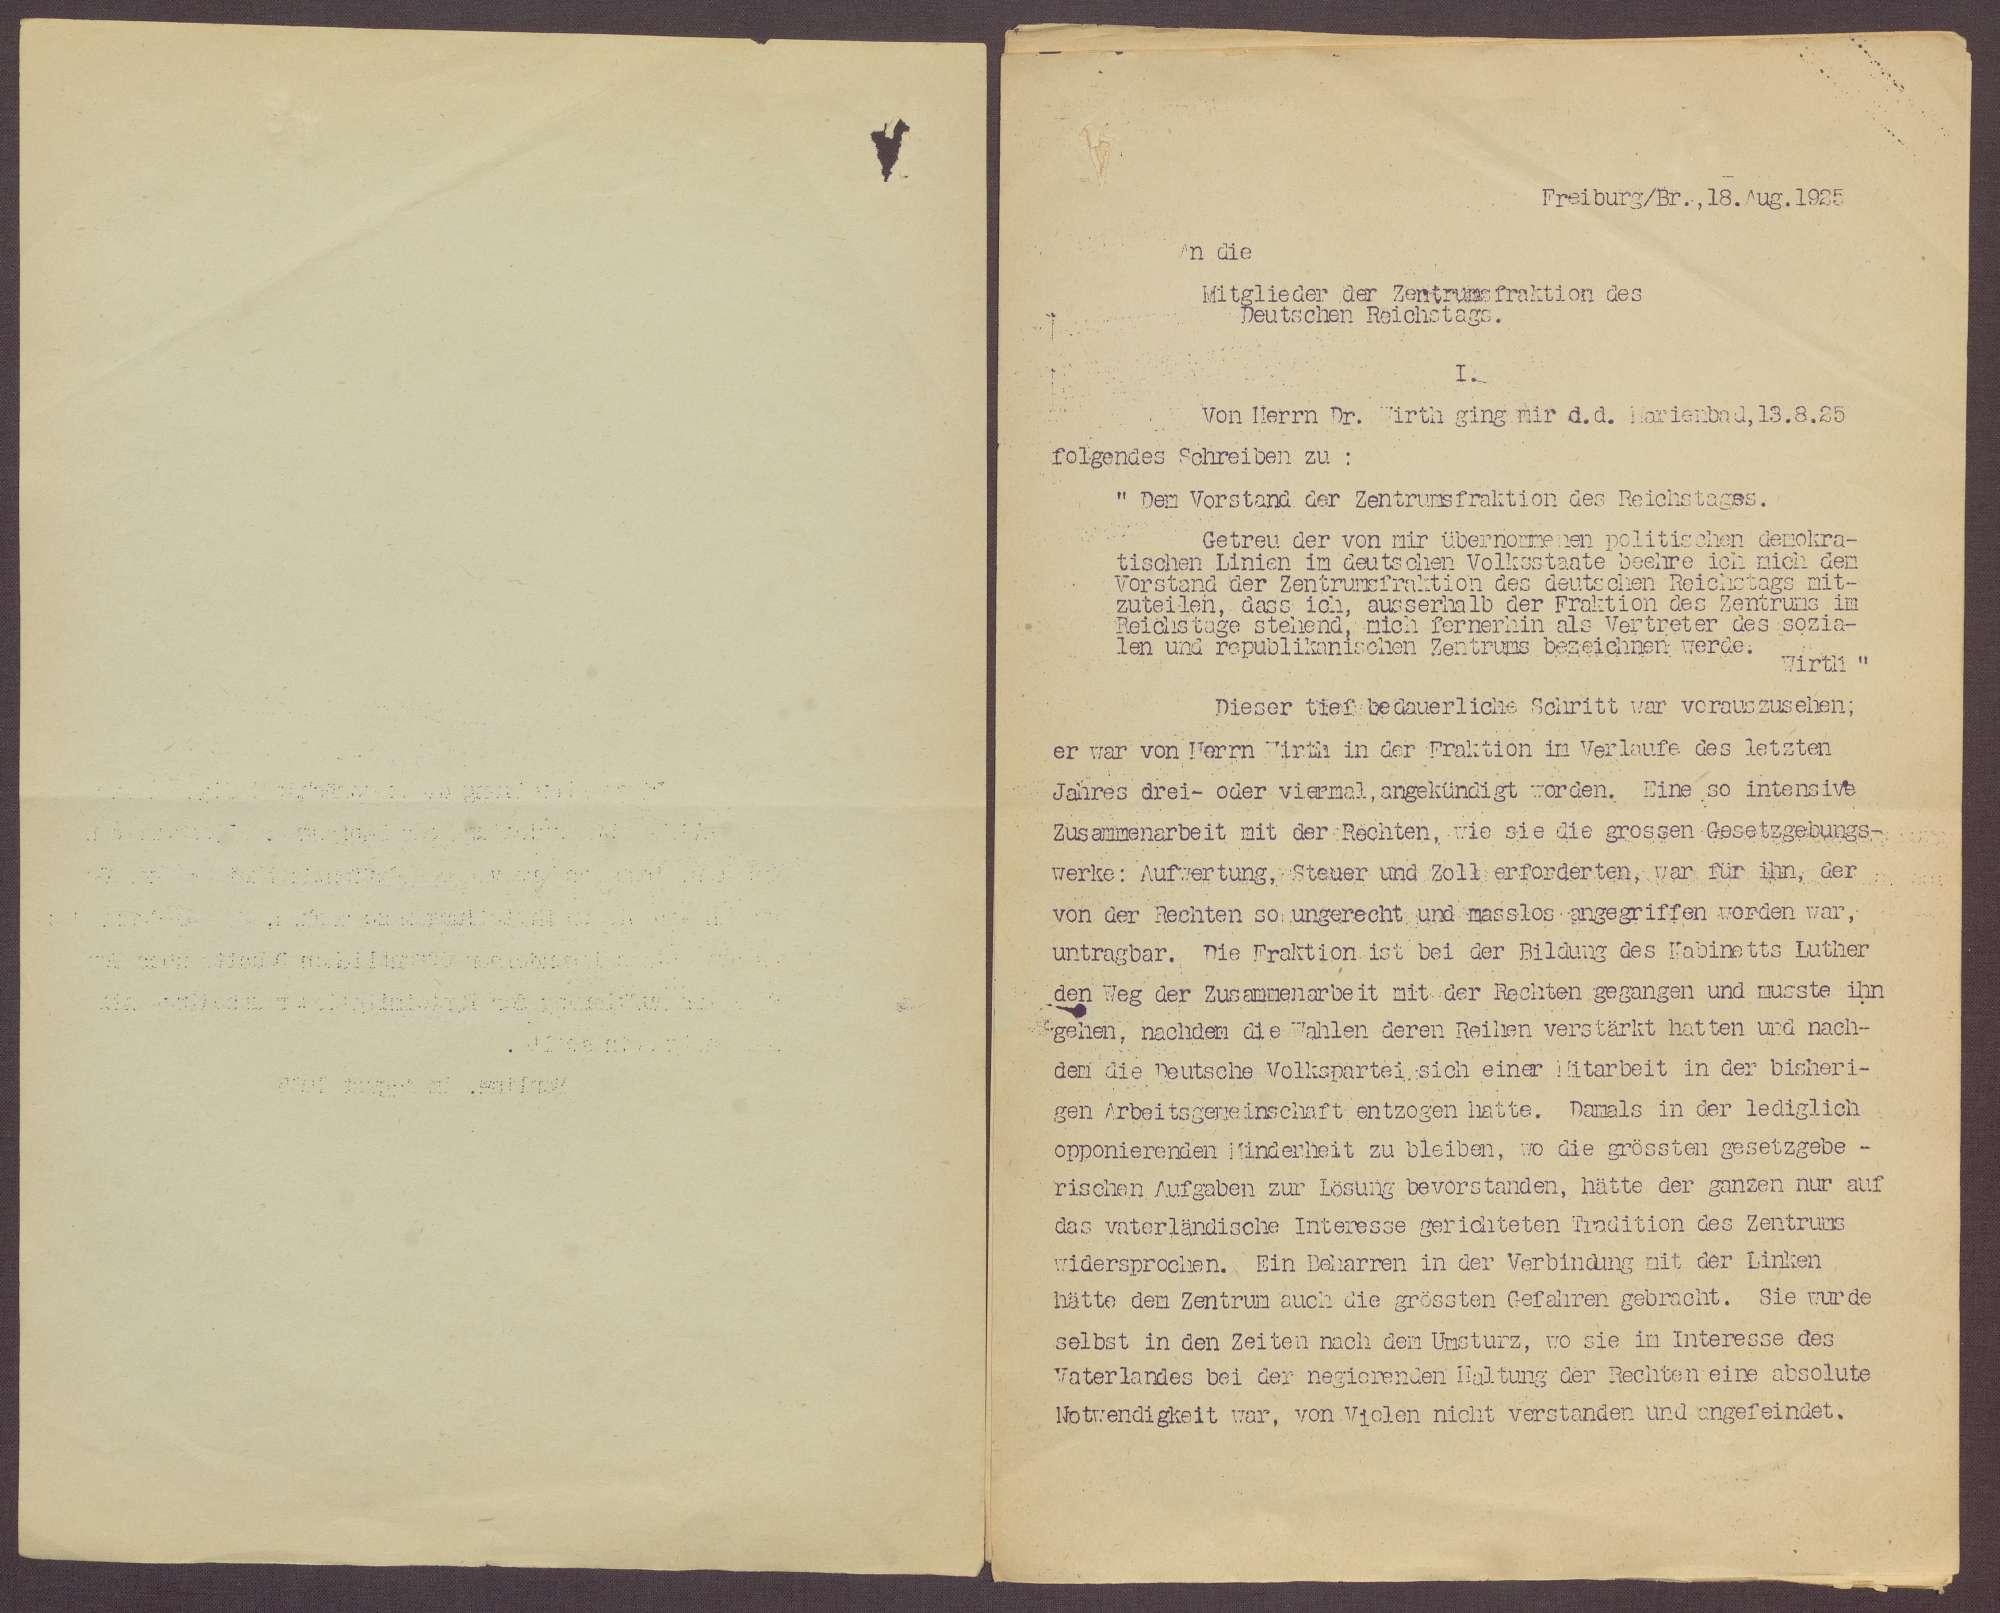 Fraktionsaustritt von Joseph Wirth und Zollvorlage der Regierung, Bild 2